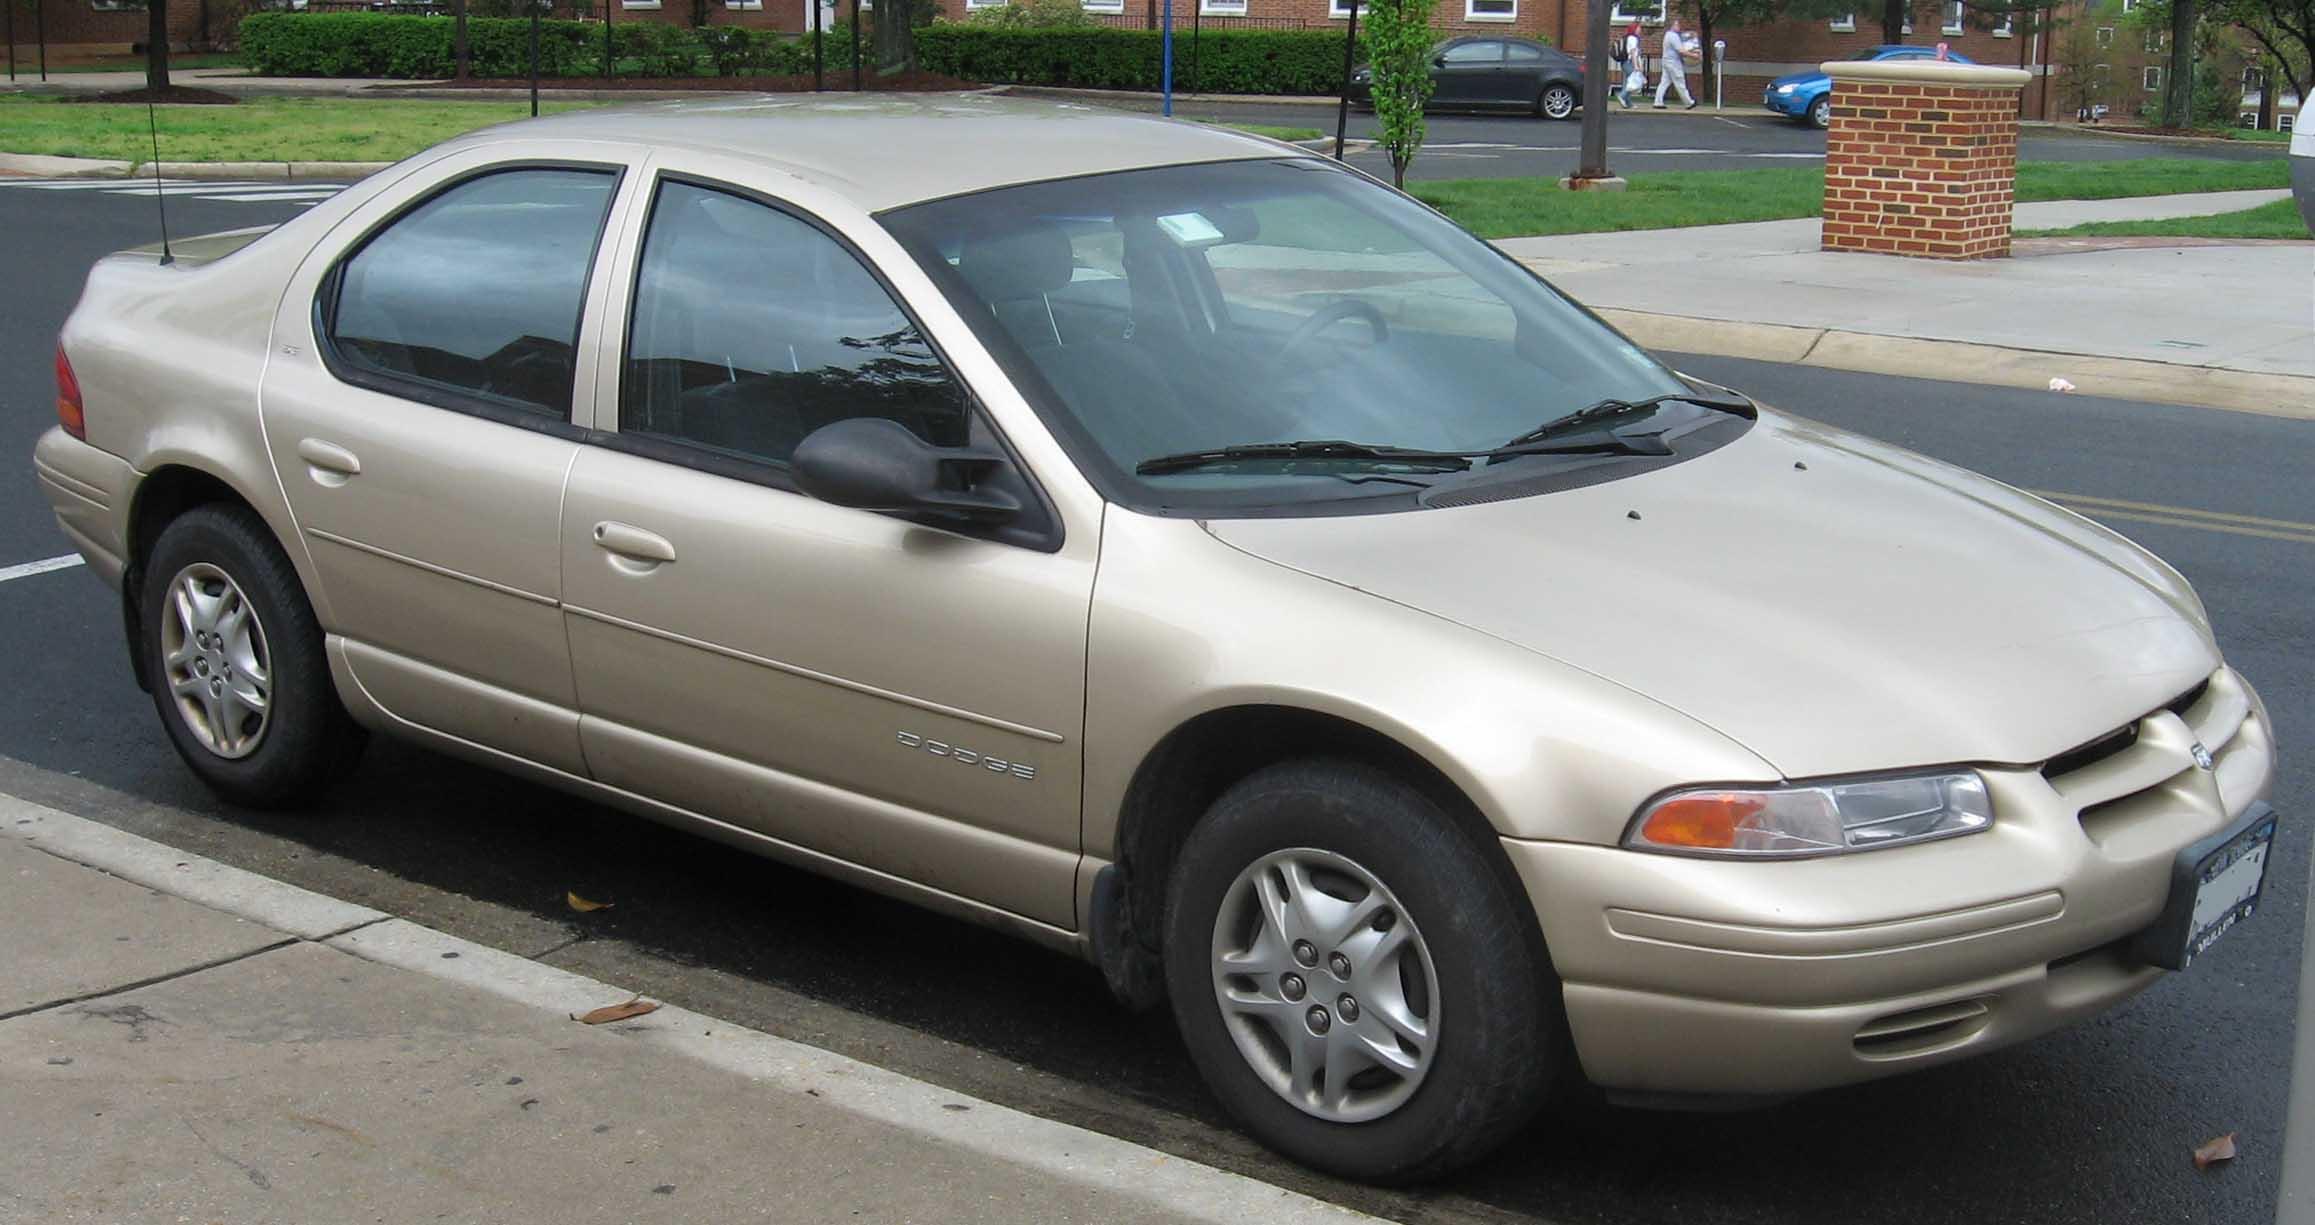 Dodge Stratus 2001 foto - 4